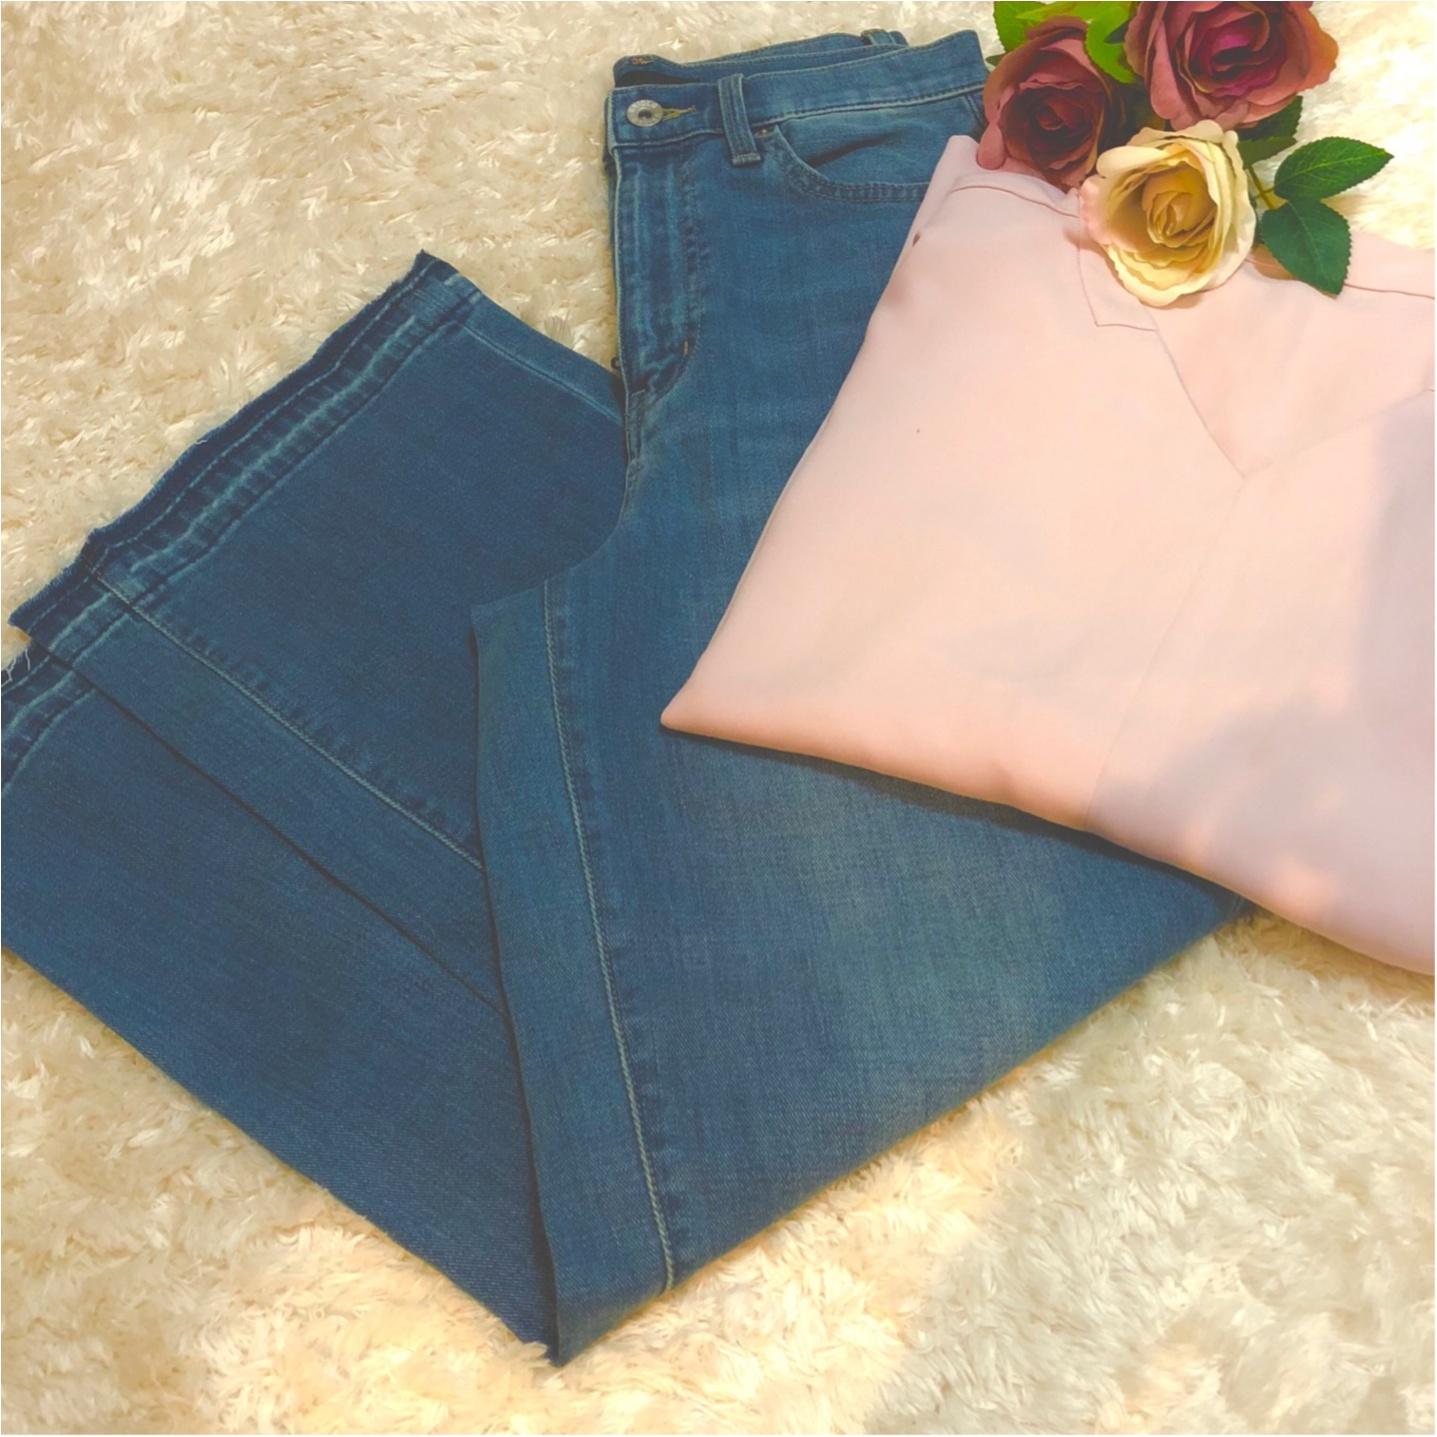 【UNIQLO】切りっぱなしワイドジーンズがSALE価格で1290円!これは、買うしかない。_1